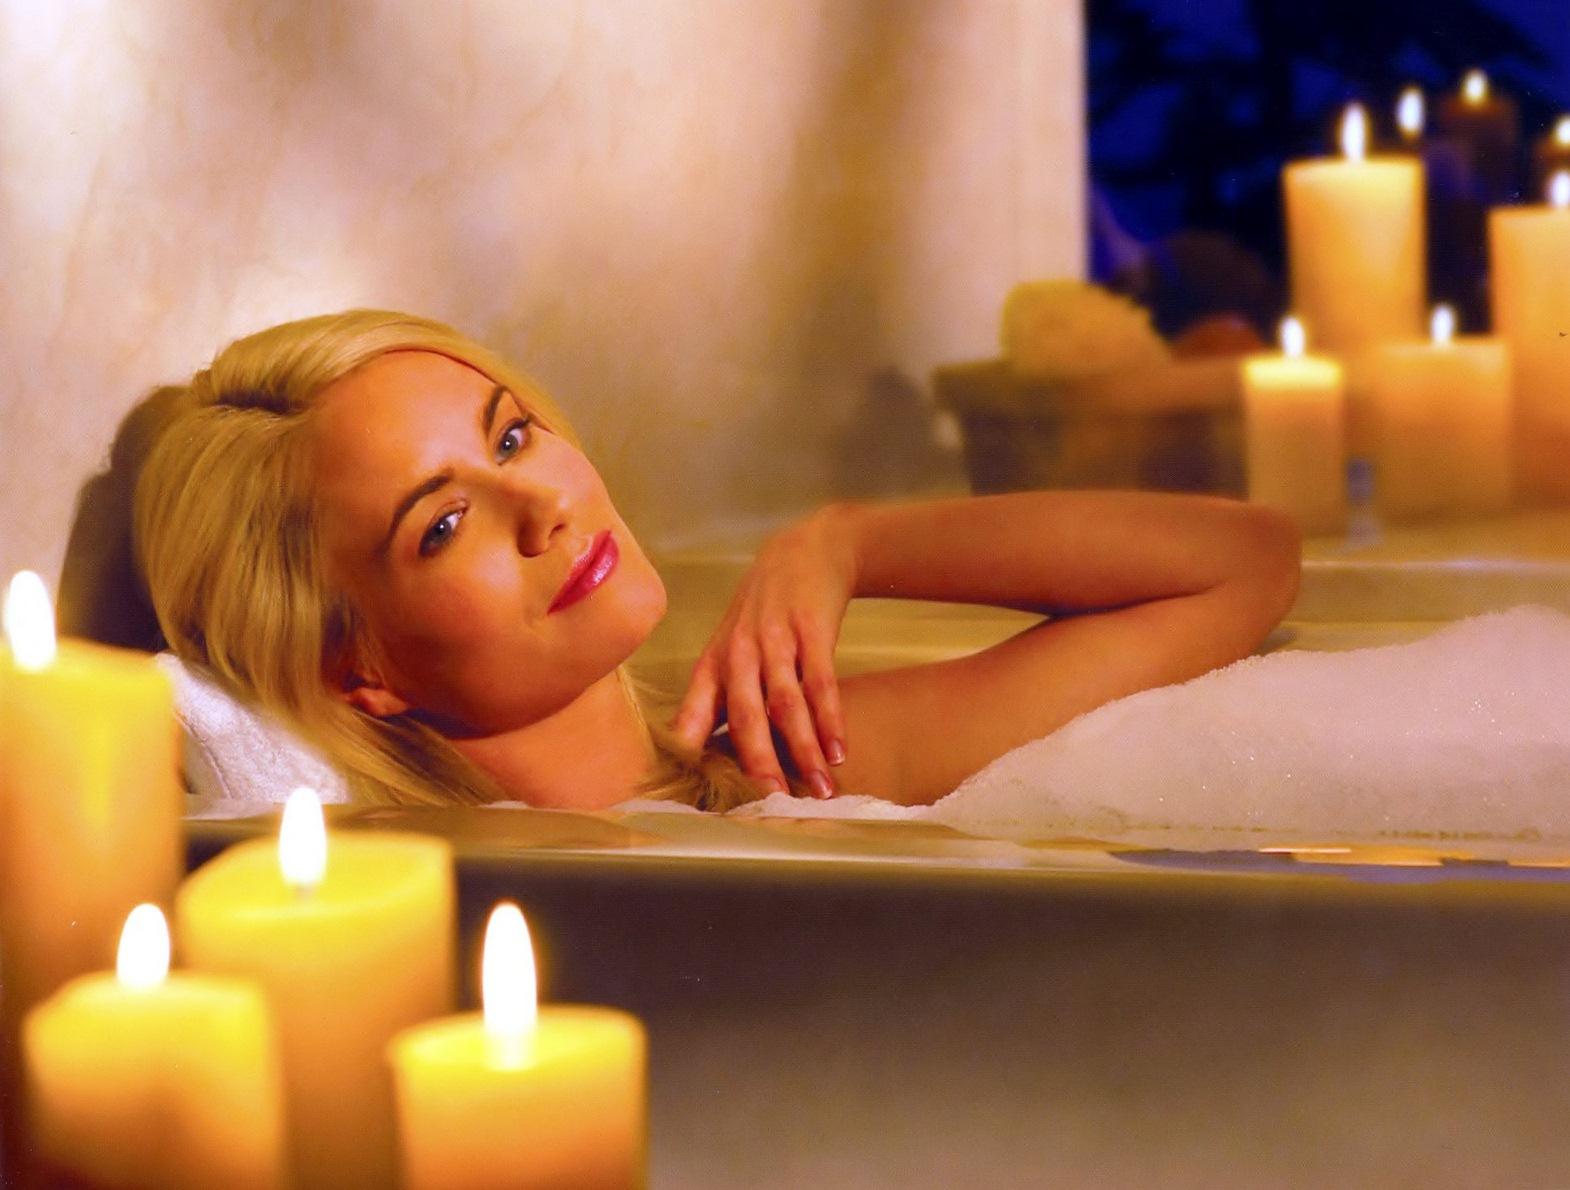 Διώξτε το άγχος με χαλαρωτικό μπάνιο αρωματοθεραπείας!